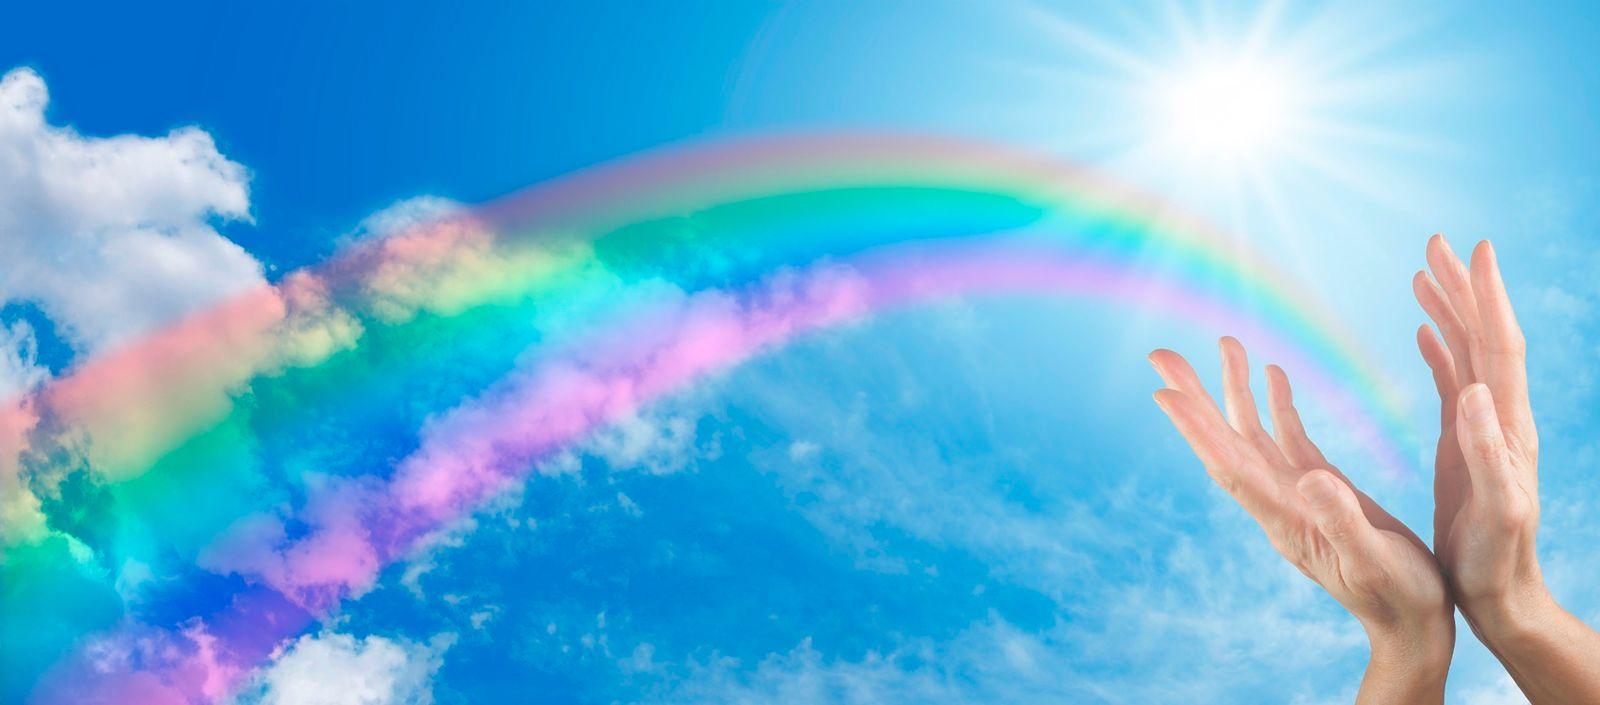 Manos abiertas hacia el cielo con un arco iris en el fondo